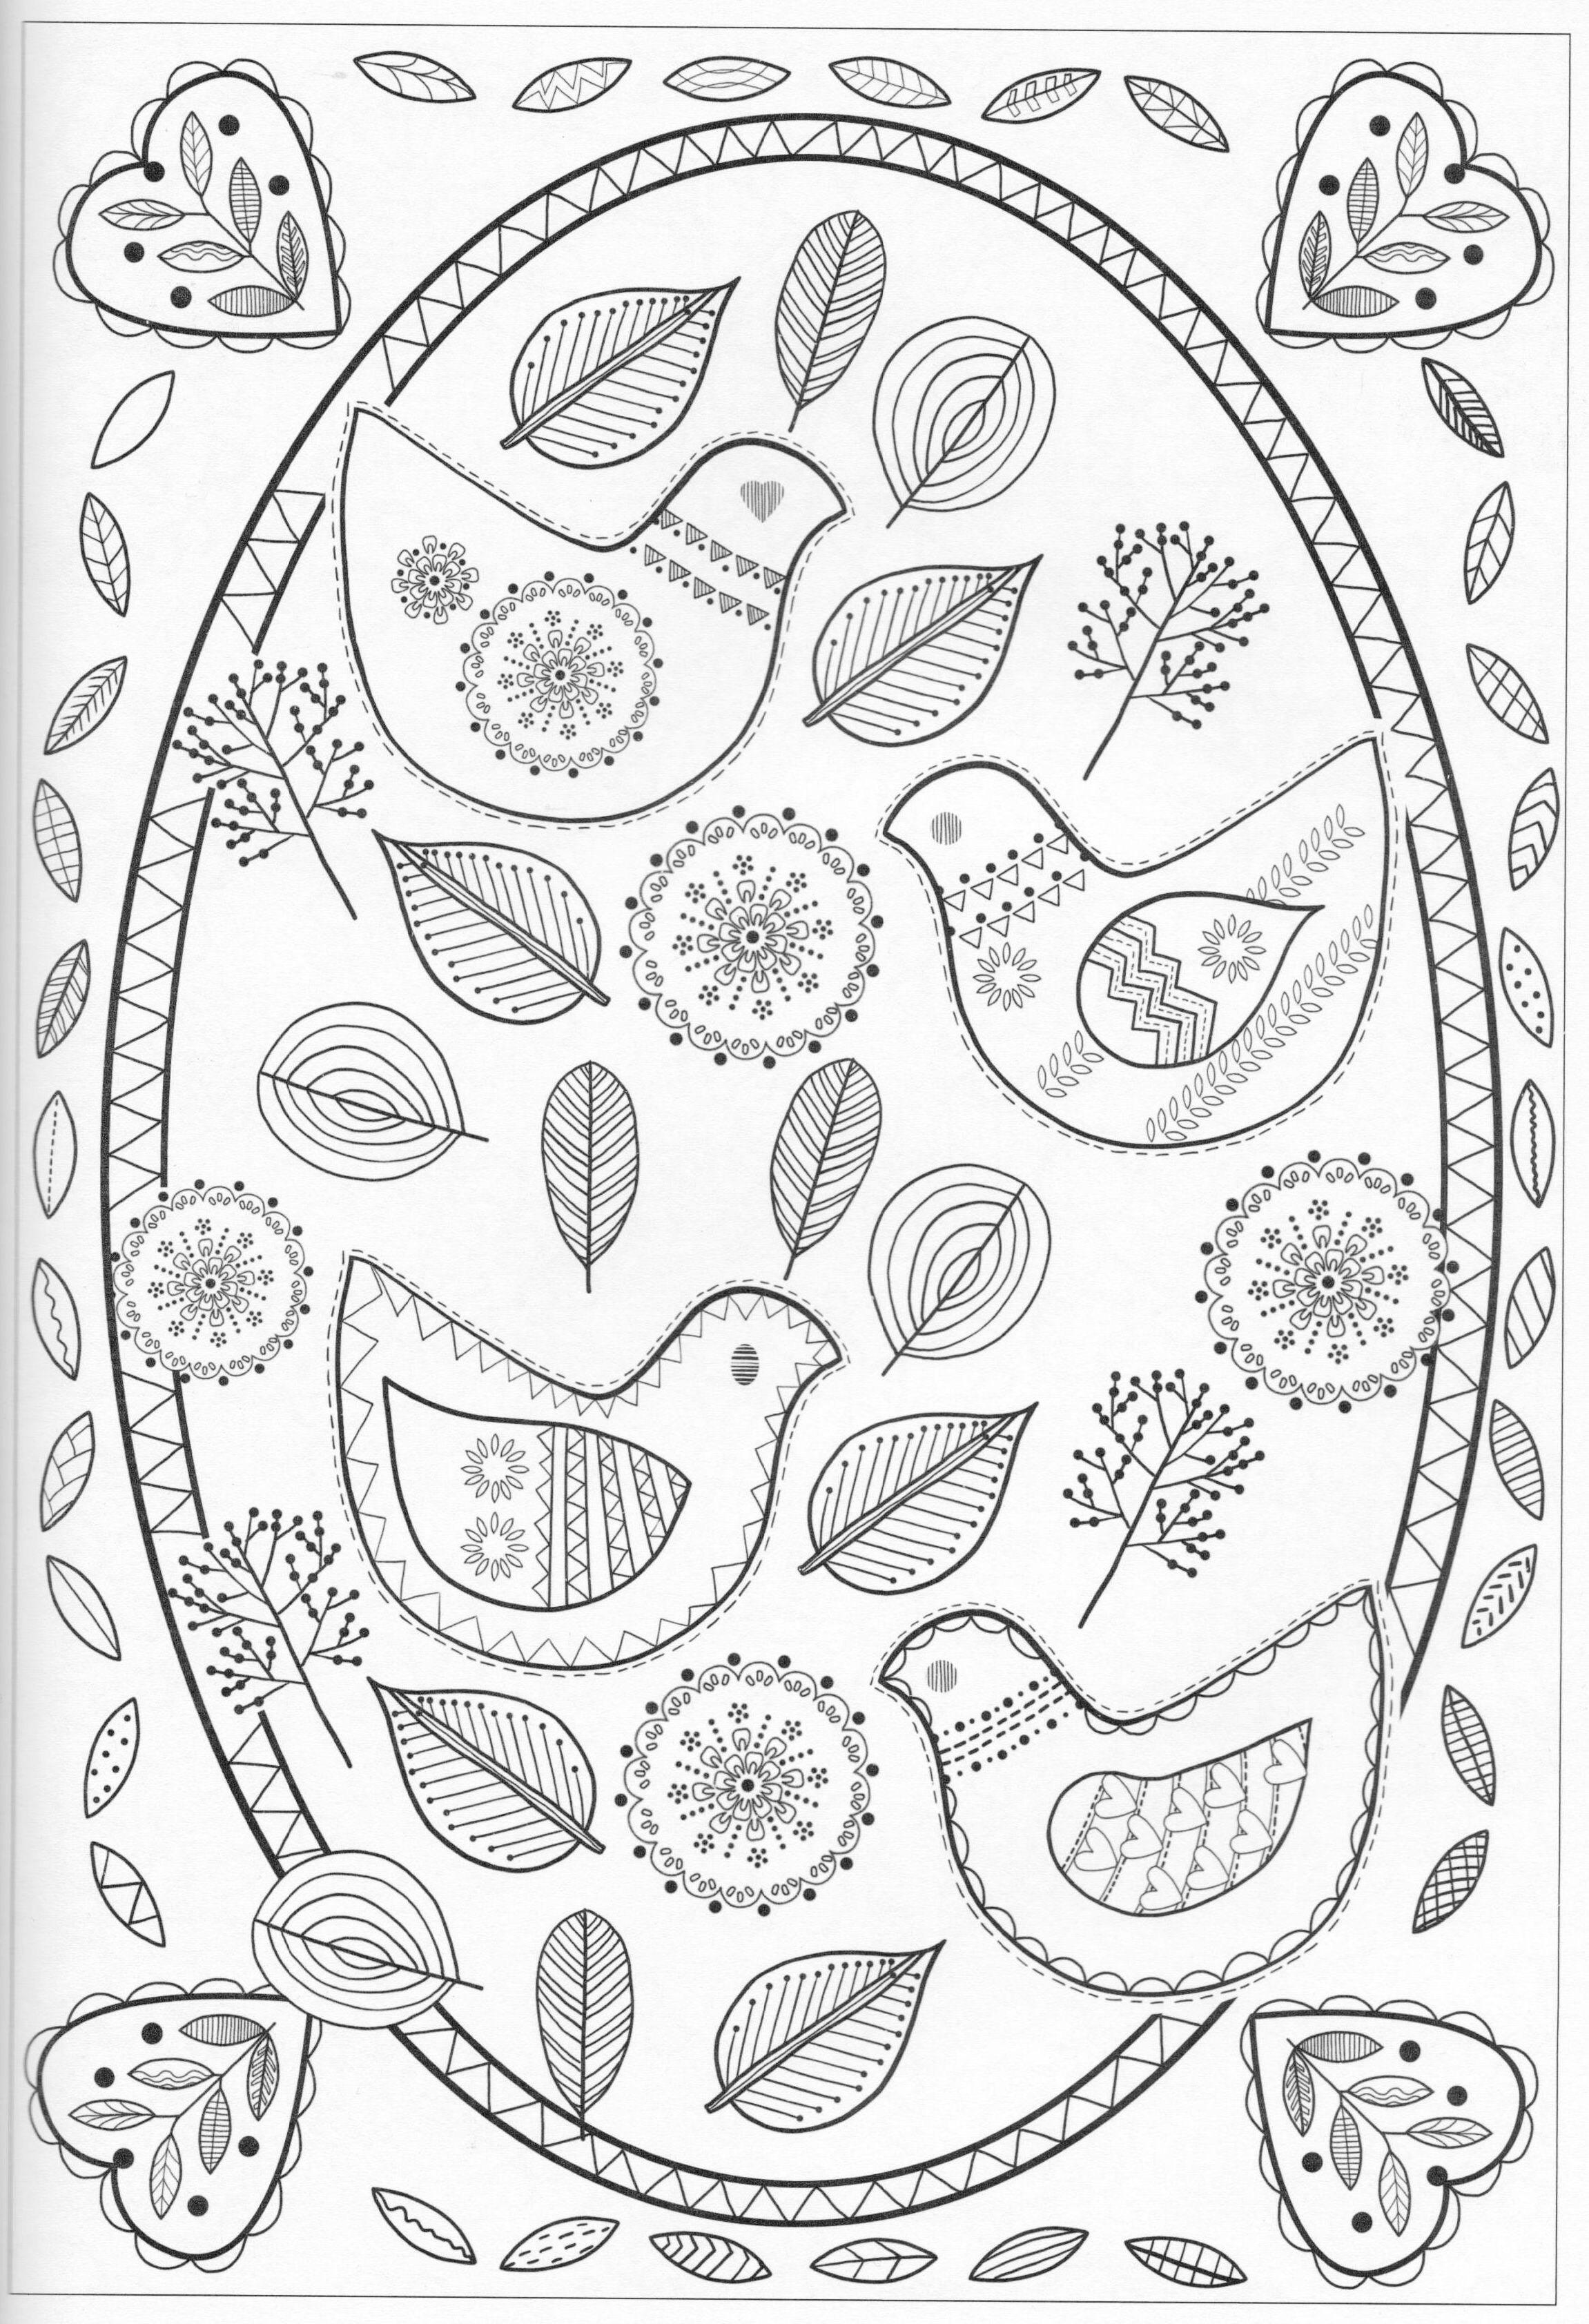 Ausmalbilder Weihnachten Mandala Das Beste Von 40 Mandala Ausmalbilder Scoredatscore Elegant Ausmalbilder Fotos